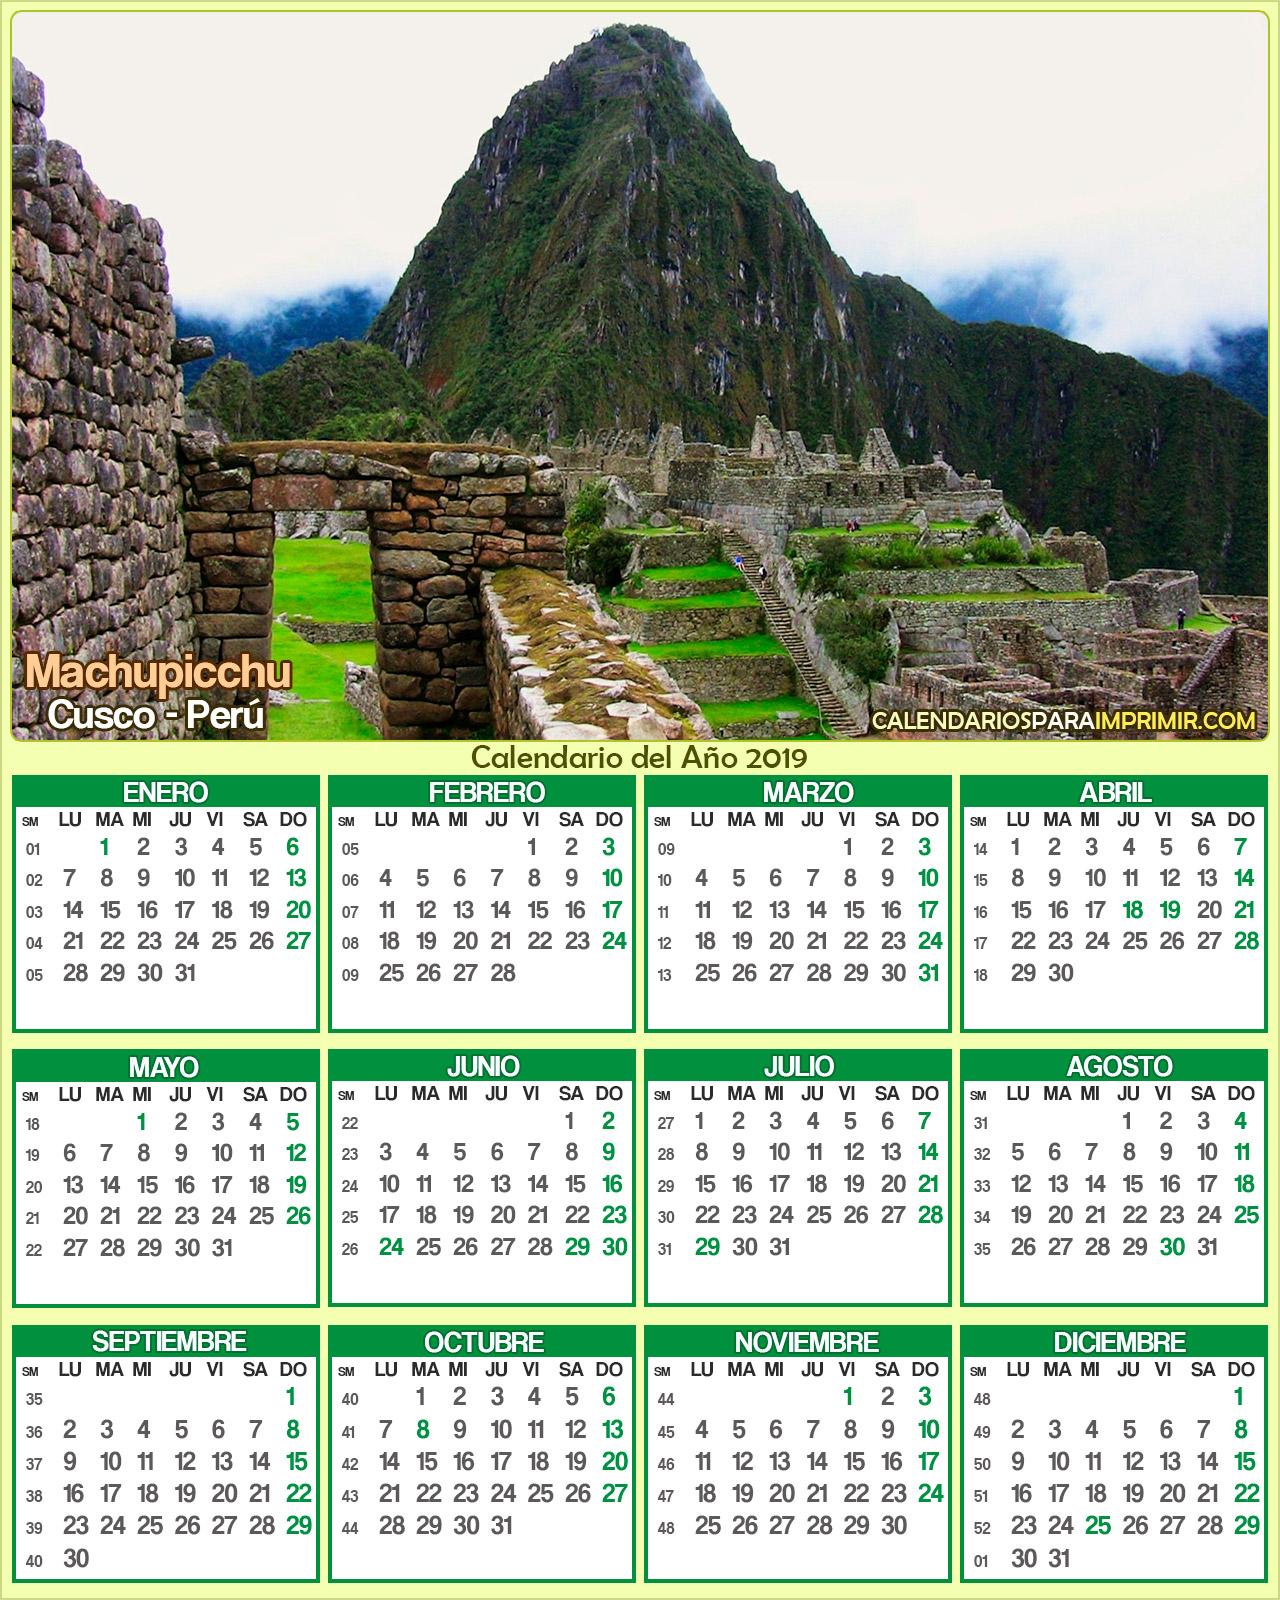 Calendario De Octubre 2019 Peru.Calendarios De Peru 2019 Calendarios Para Imprimir 2019